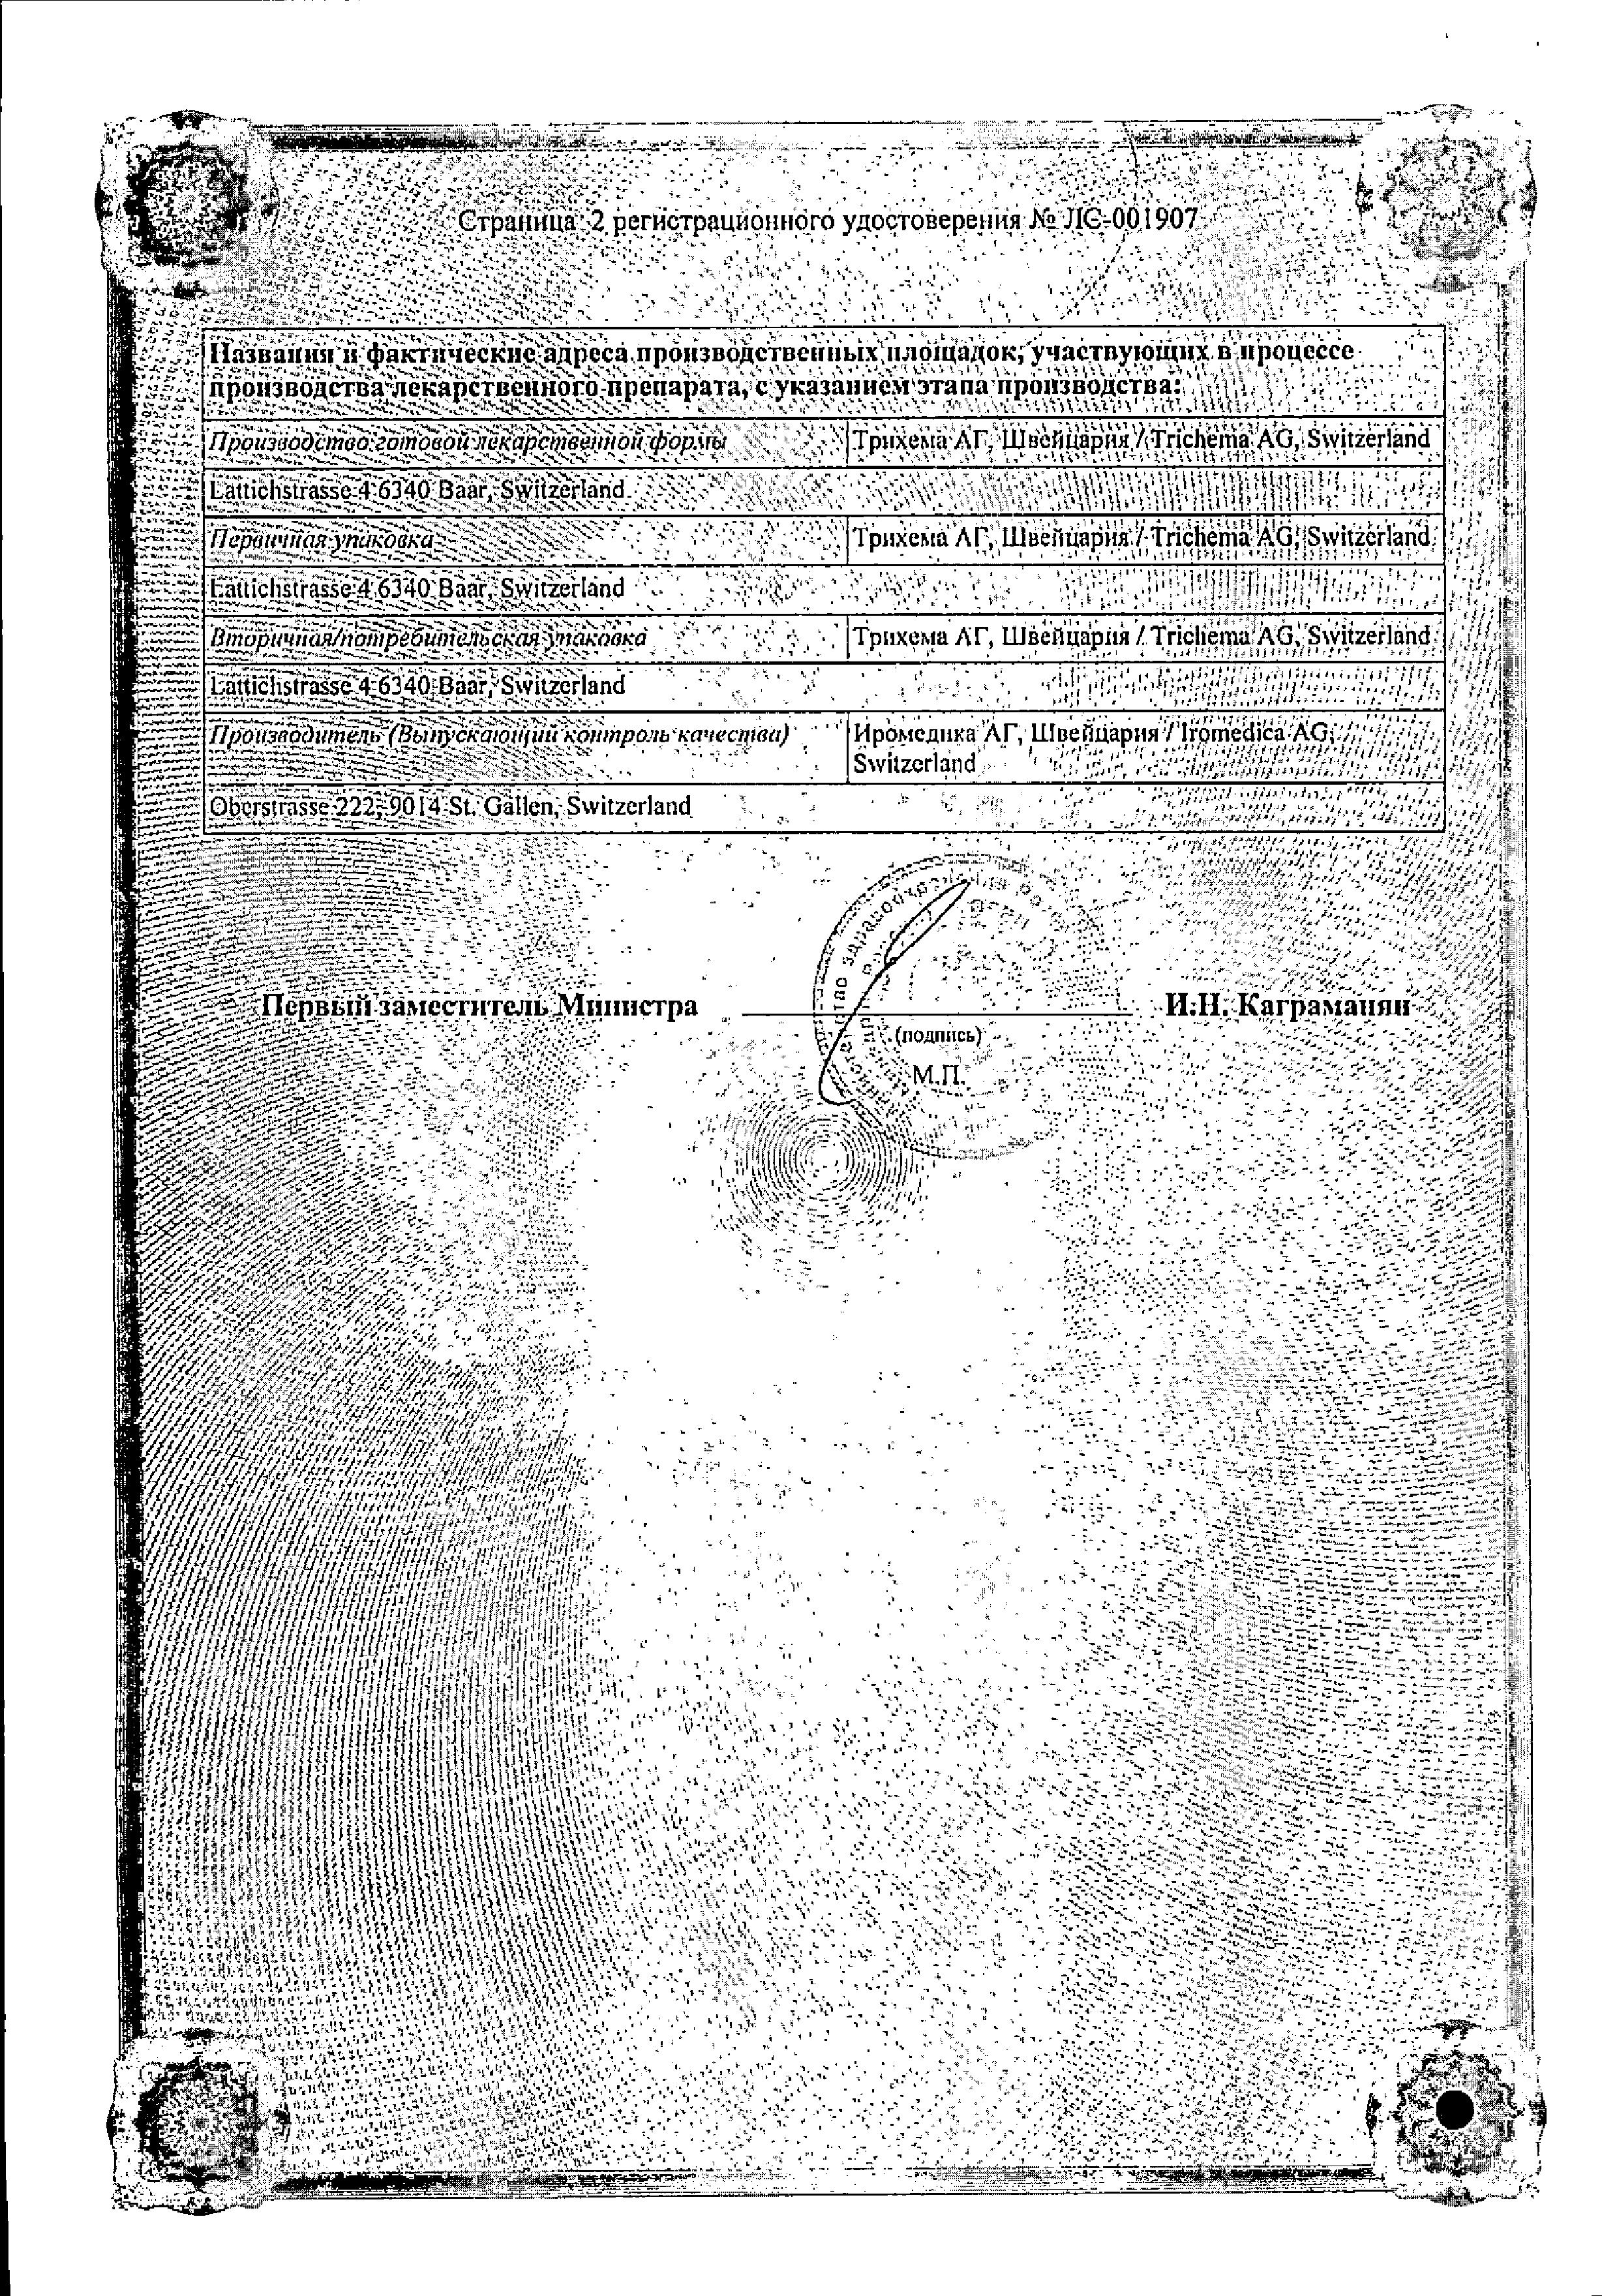 Кармолис